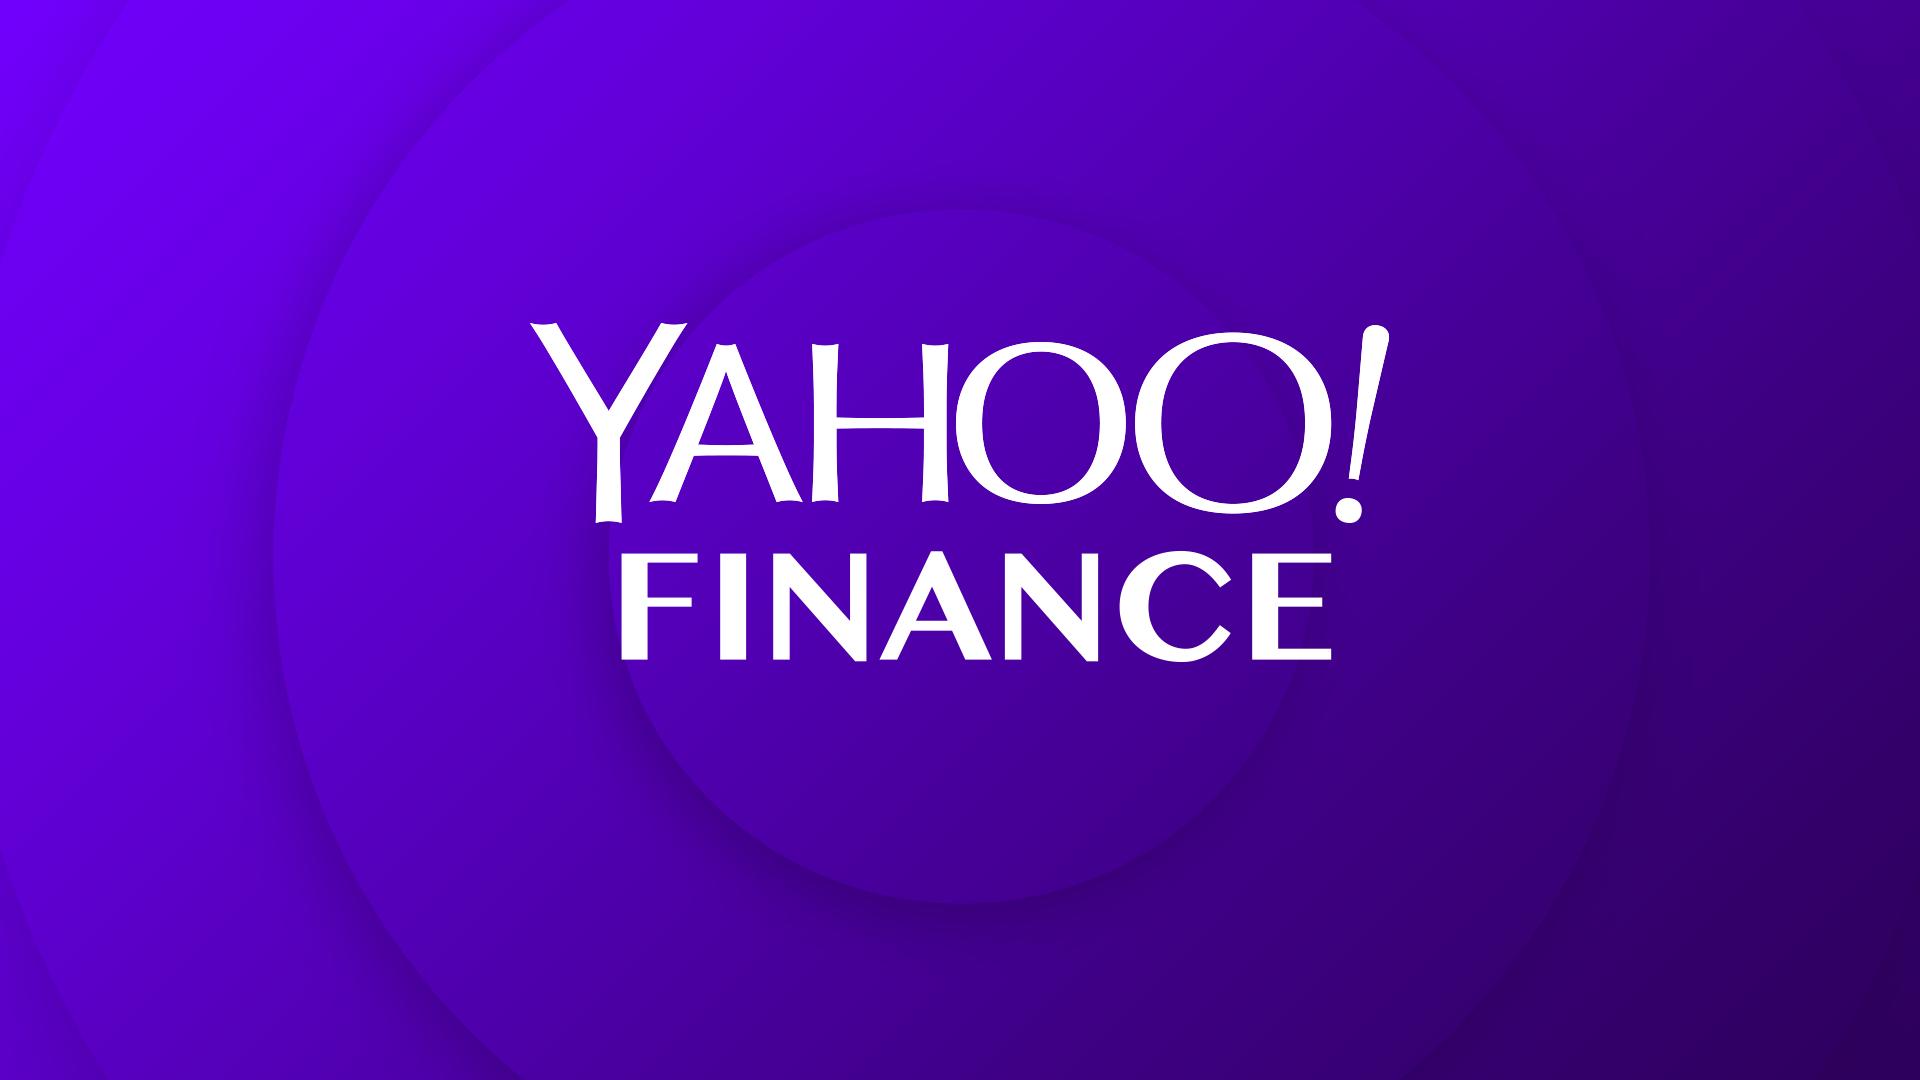 Yahoo Finance LIVE - Jul 31, 19